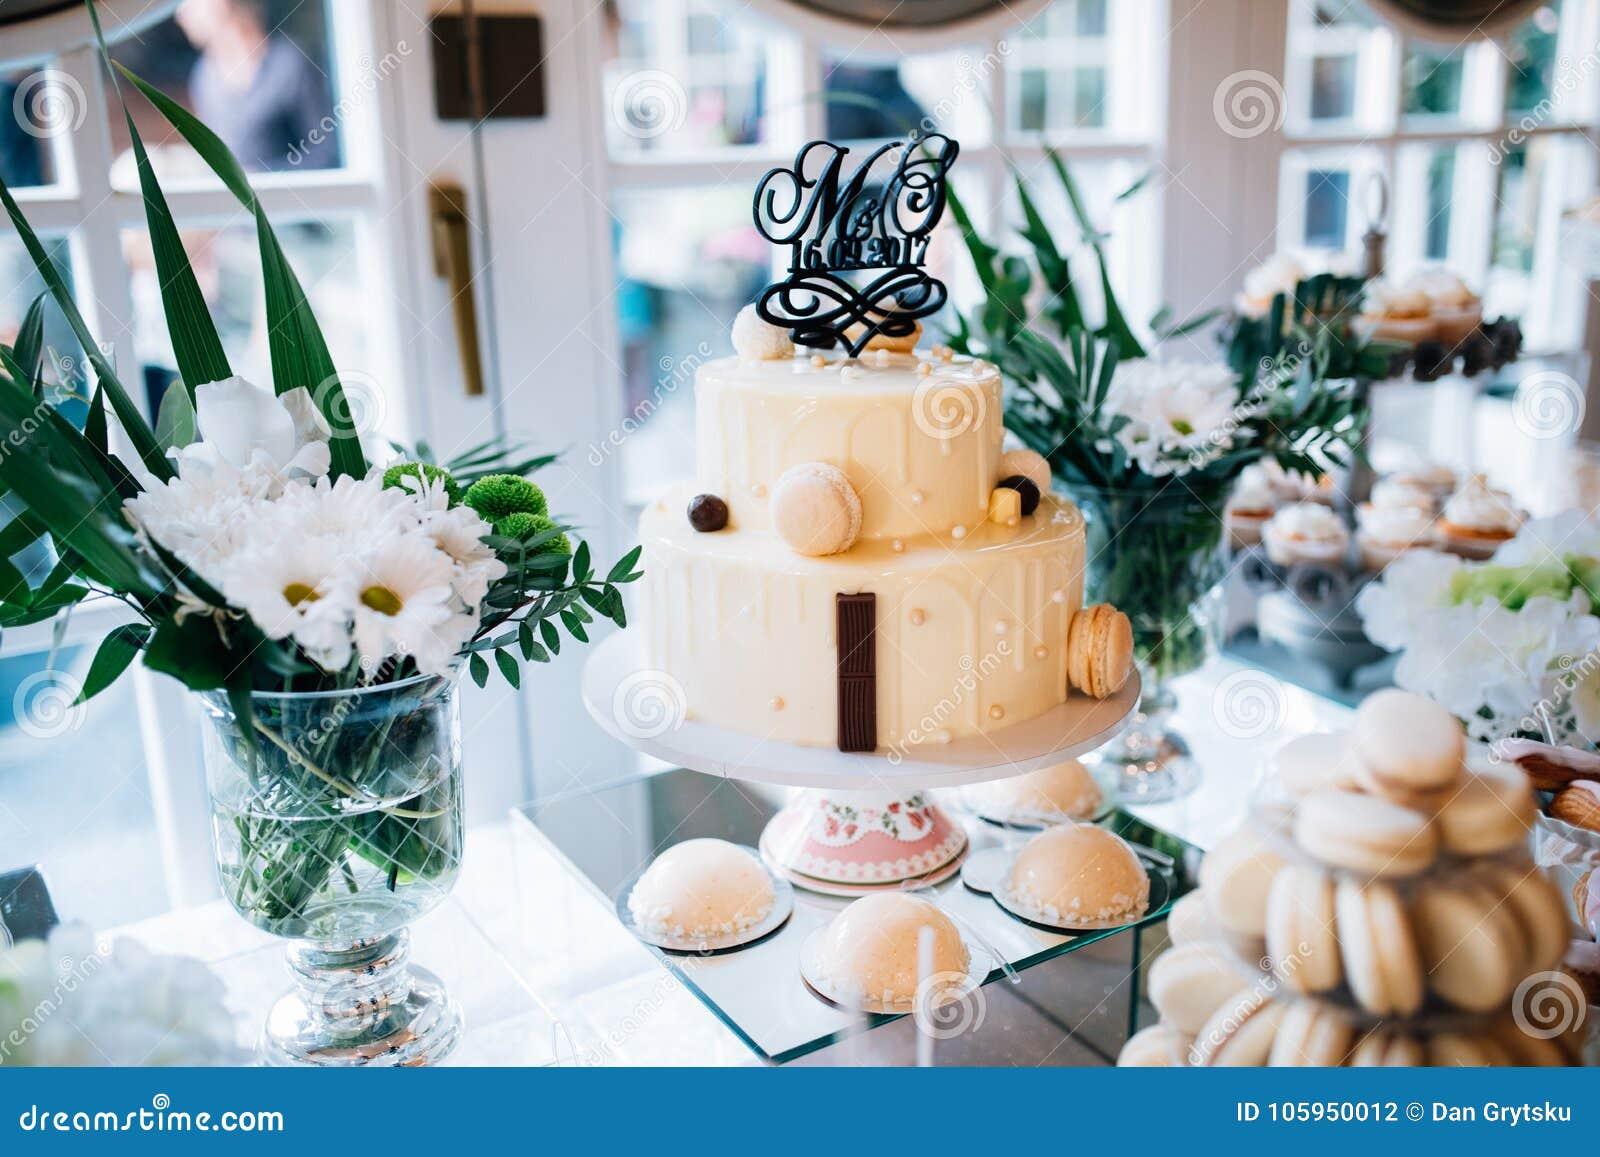 Schokoriegel Und Hochzeitstorte Mit Blumen Tabelle Mit Bonbons